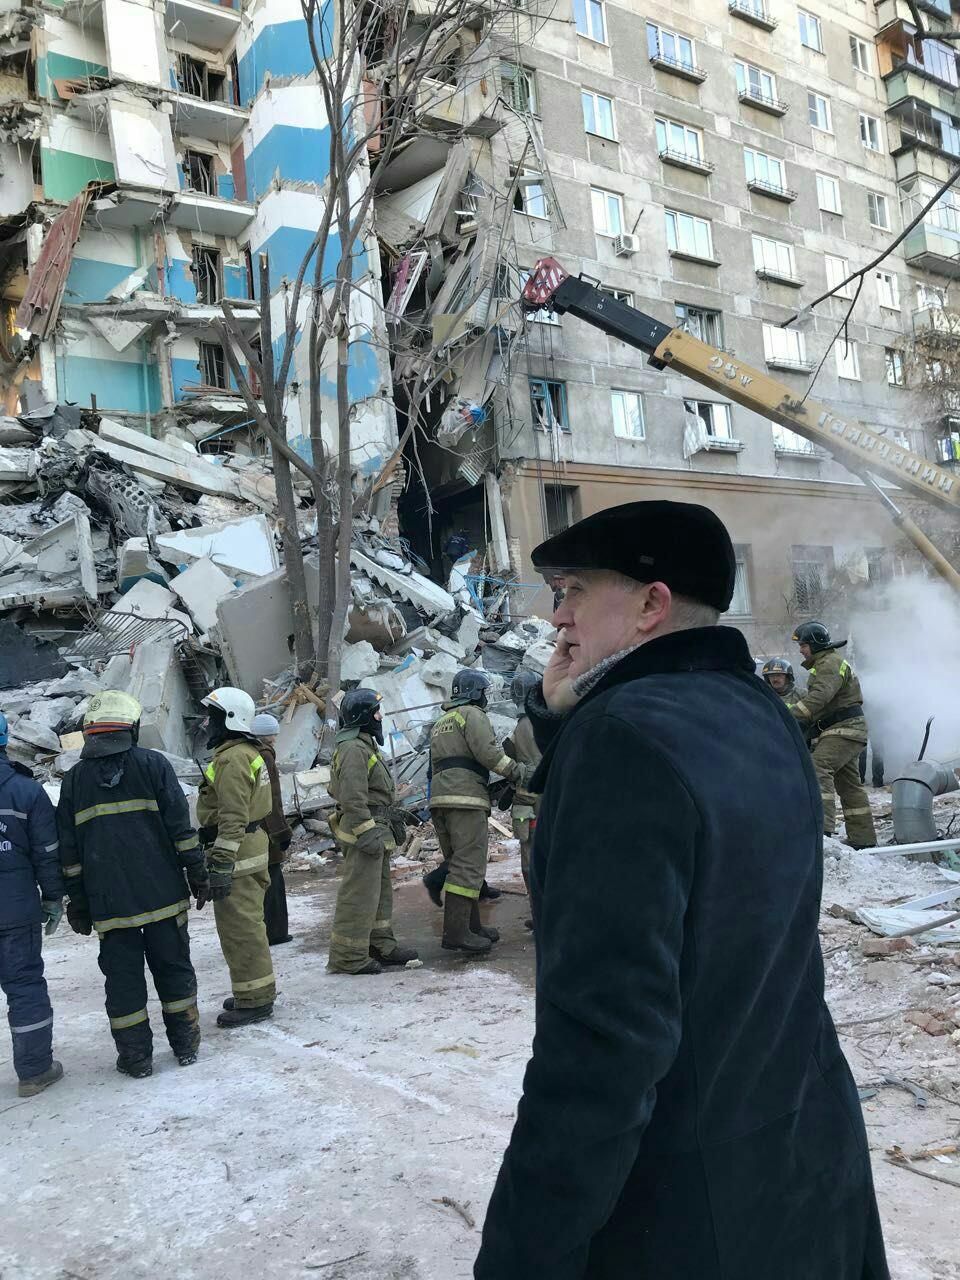 Режим ЧС объявлен в Магнитогорске (Челябинская область) в связи с произошедшей в городе трагедии